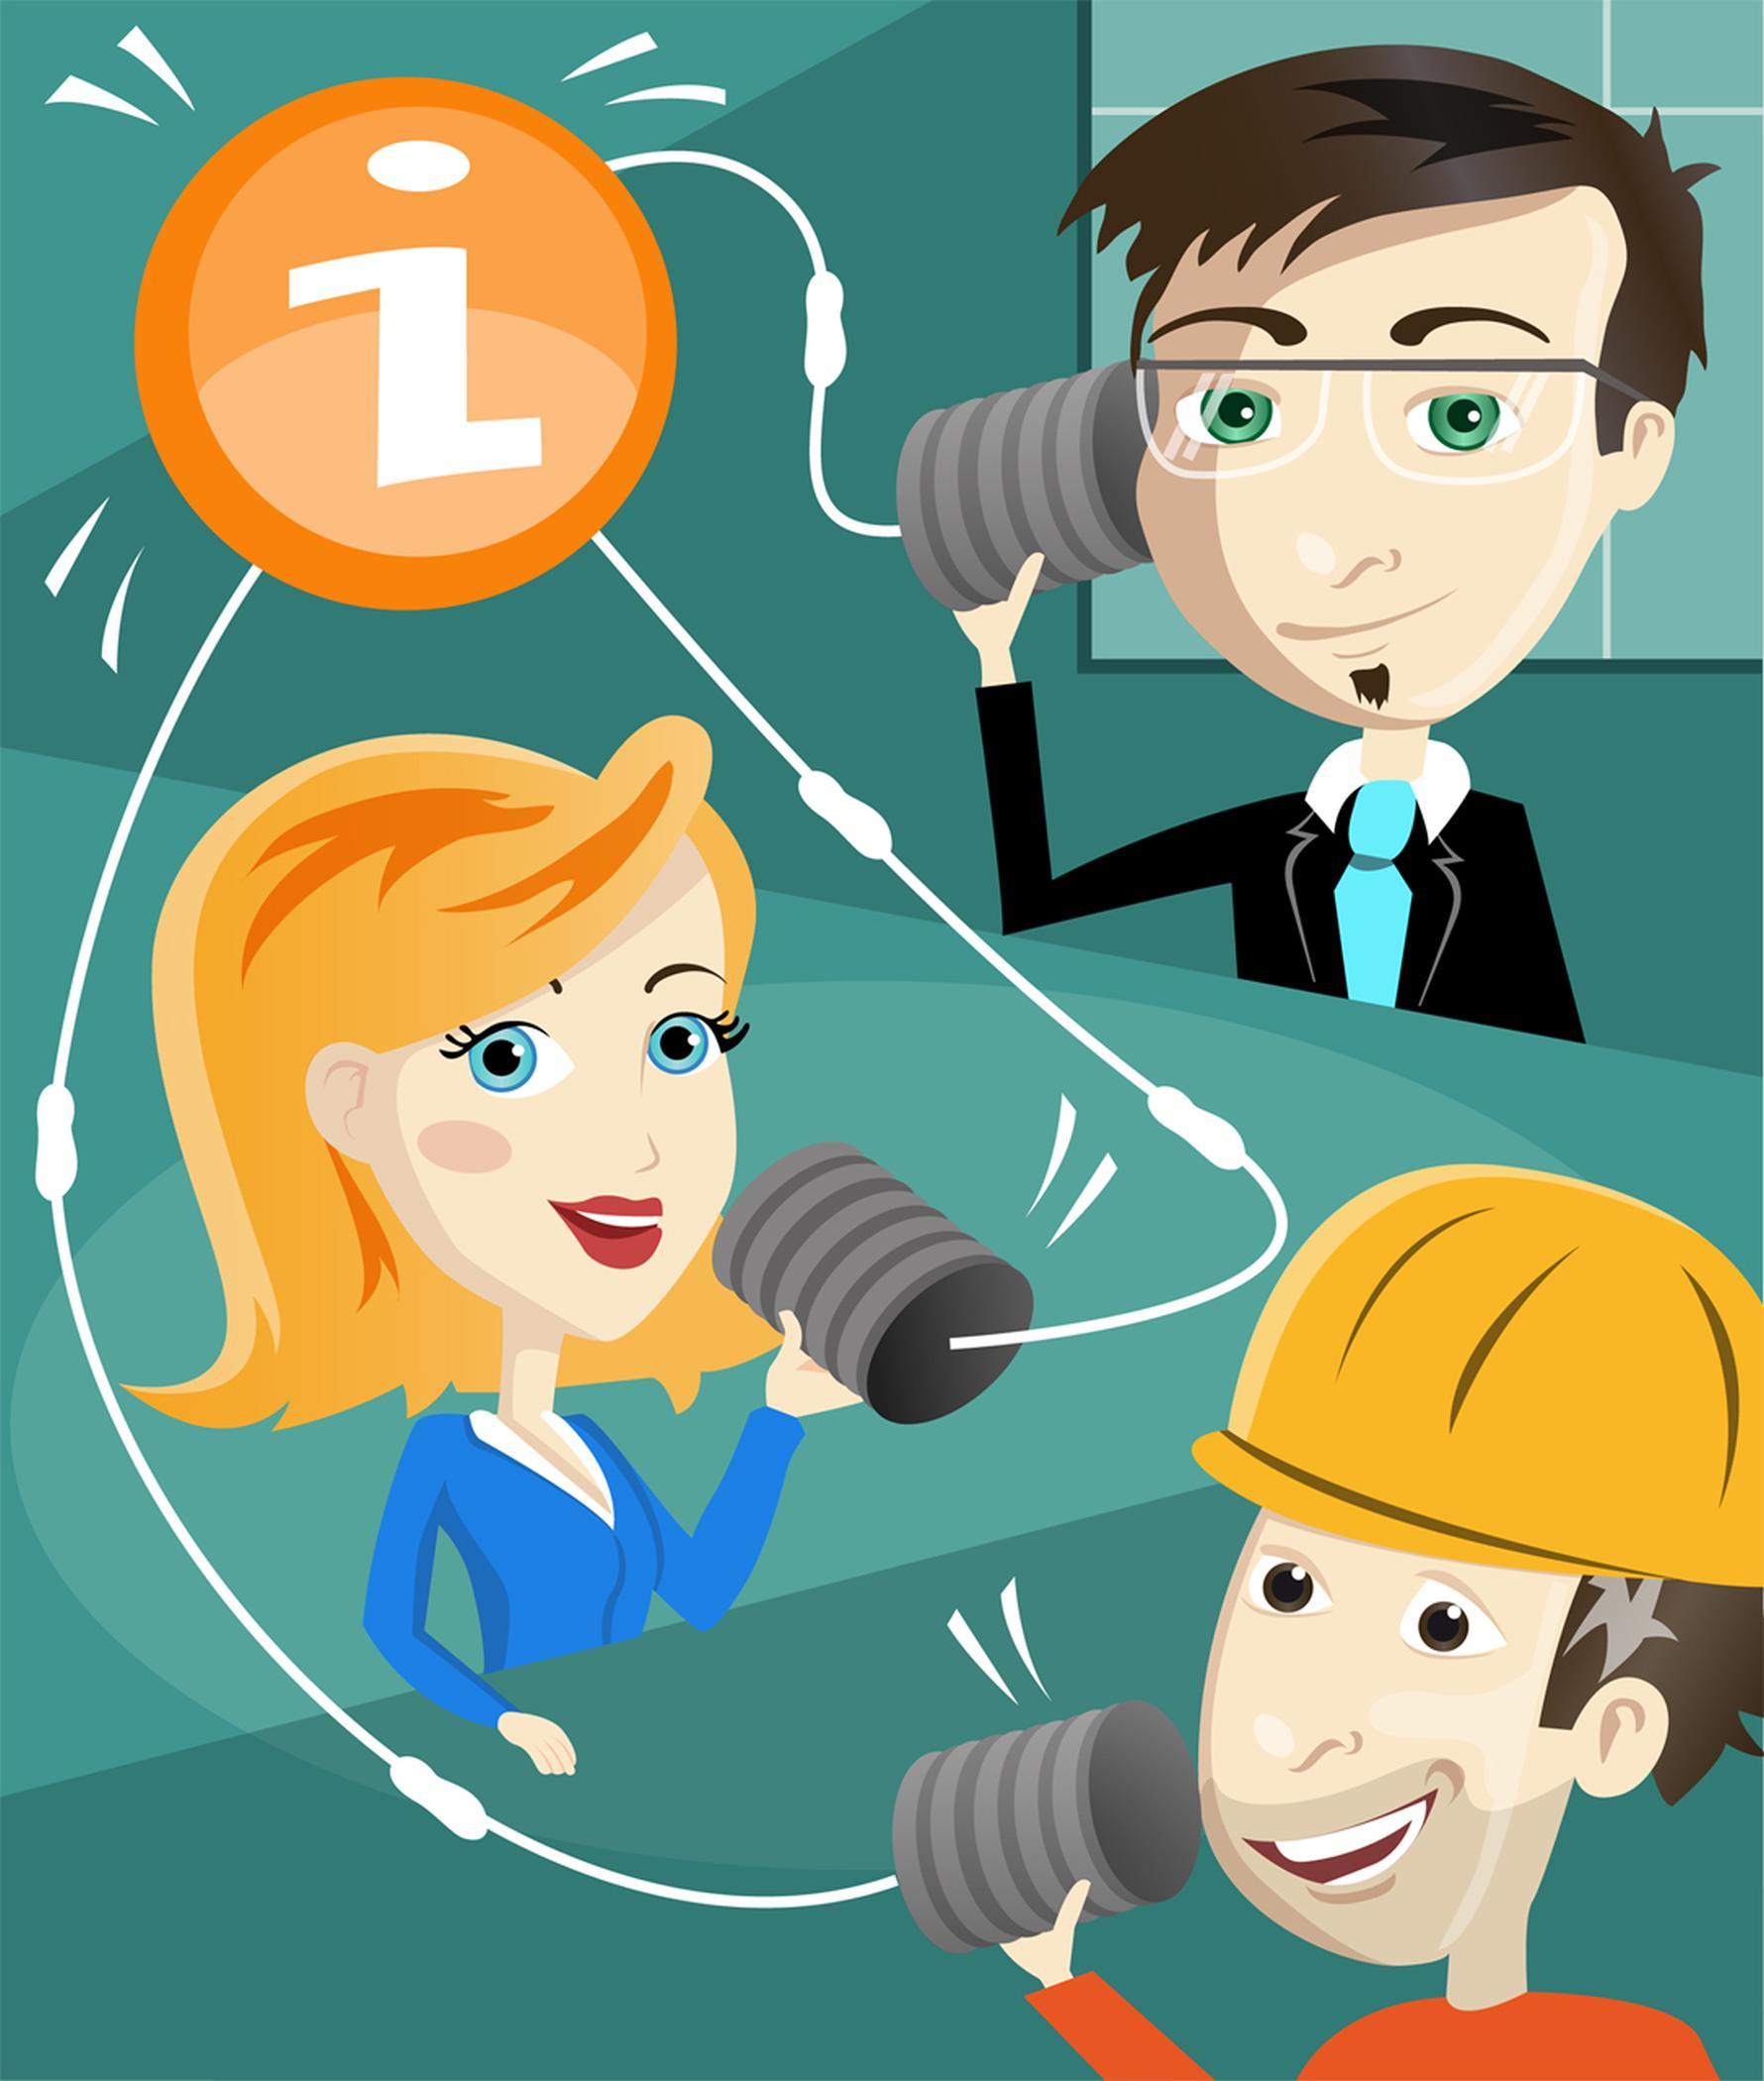 Mitarbeiter motivieren: ob interne Kommunikation, Mitarbeiterkommunikation oder geneMitarbeiter motivieren: ob interne Kommunikation, Mitarbeiterkommunikation oder generell Kommunikation im Unternehmen. Ihre neue Agentur für Mitarbeiterkommunikation unterstützt Sie dabei!rell Kommunikation im Unternehmen.